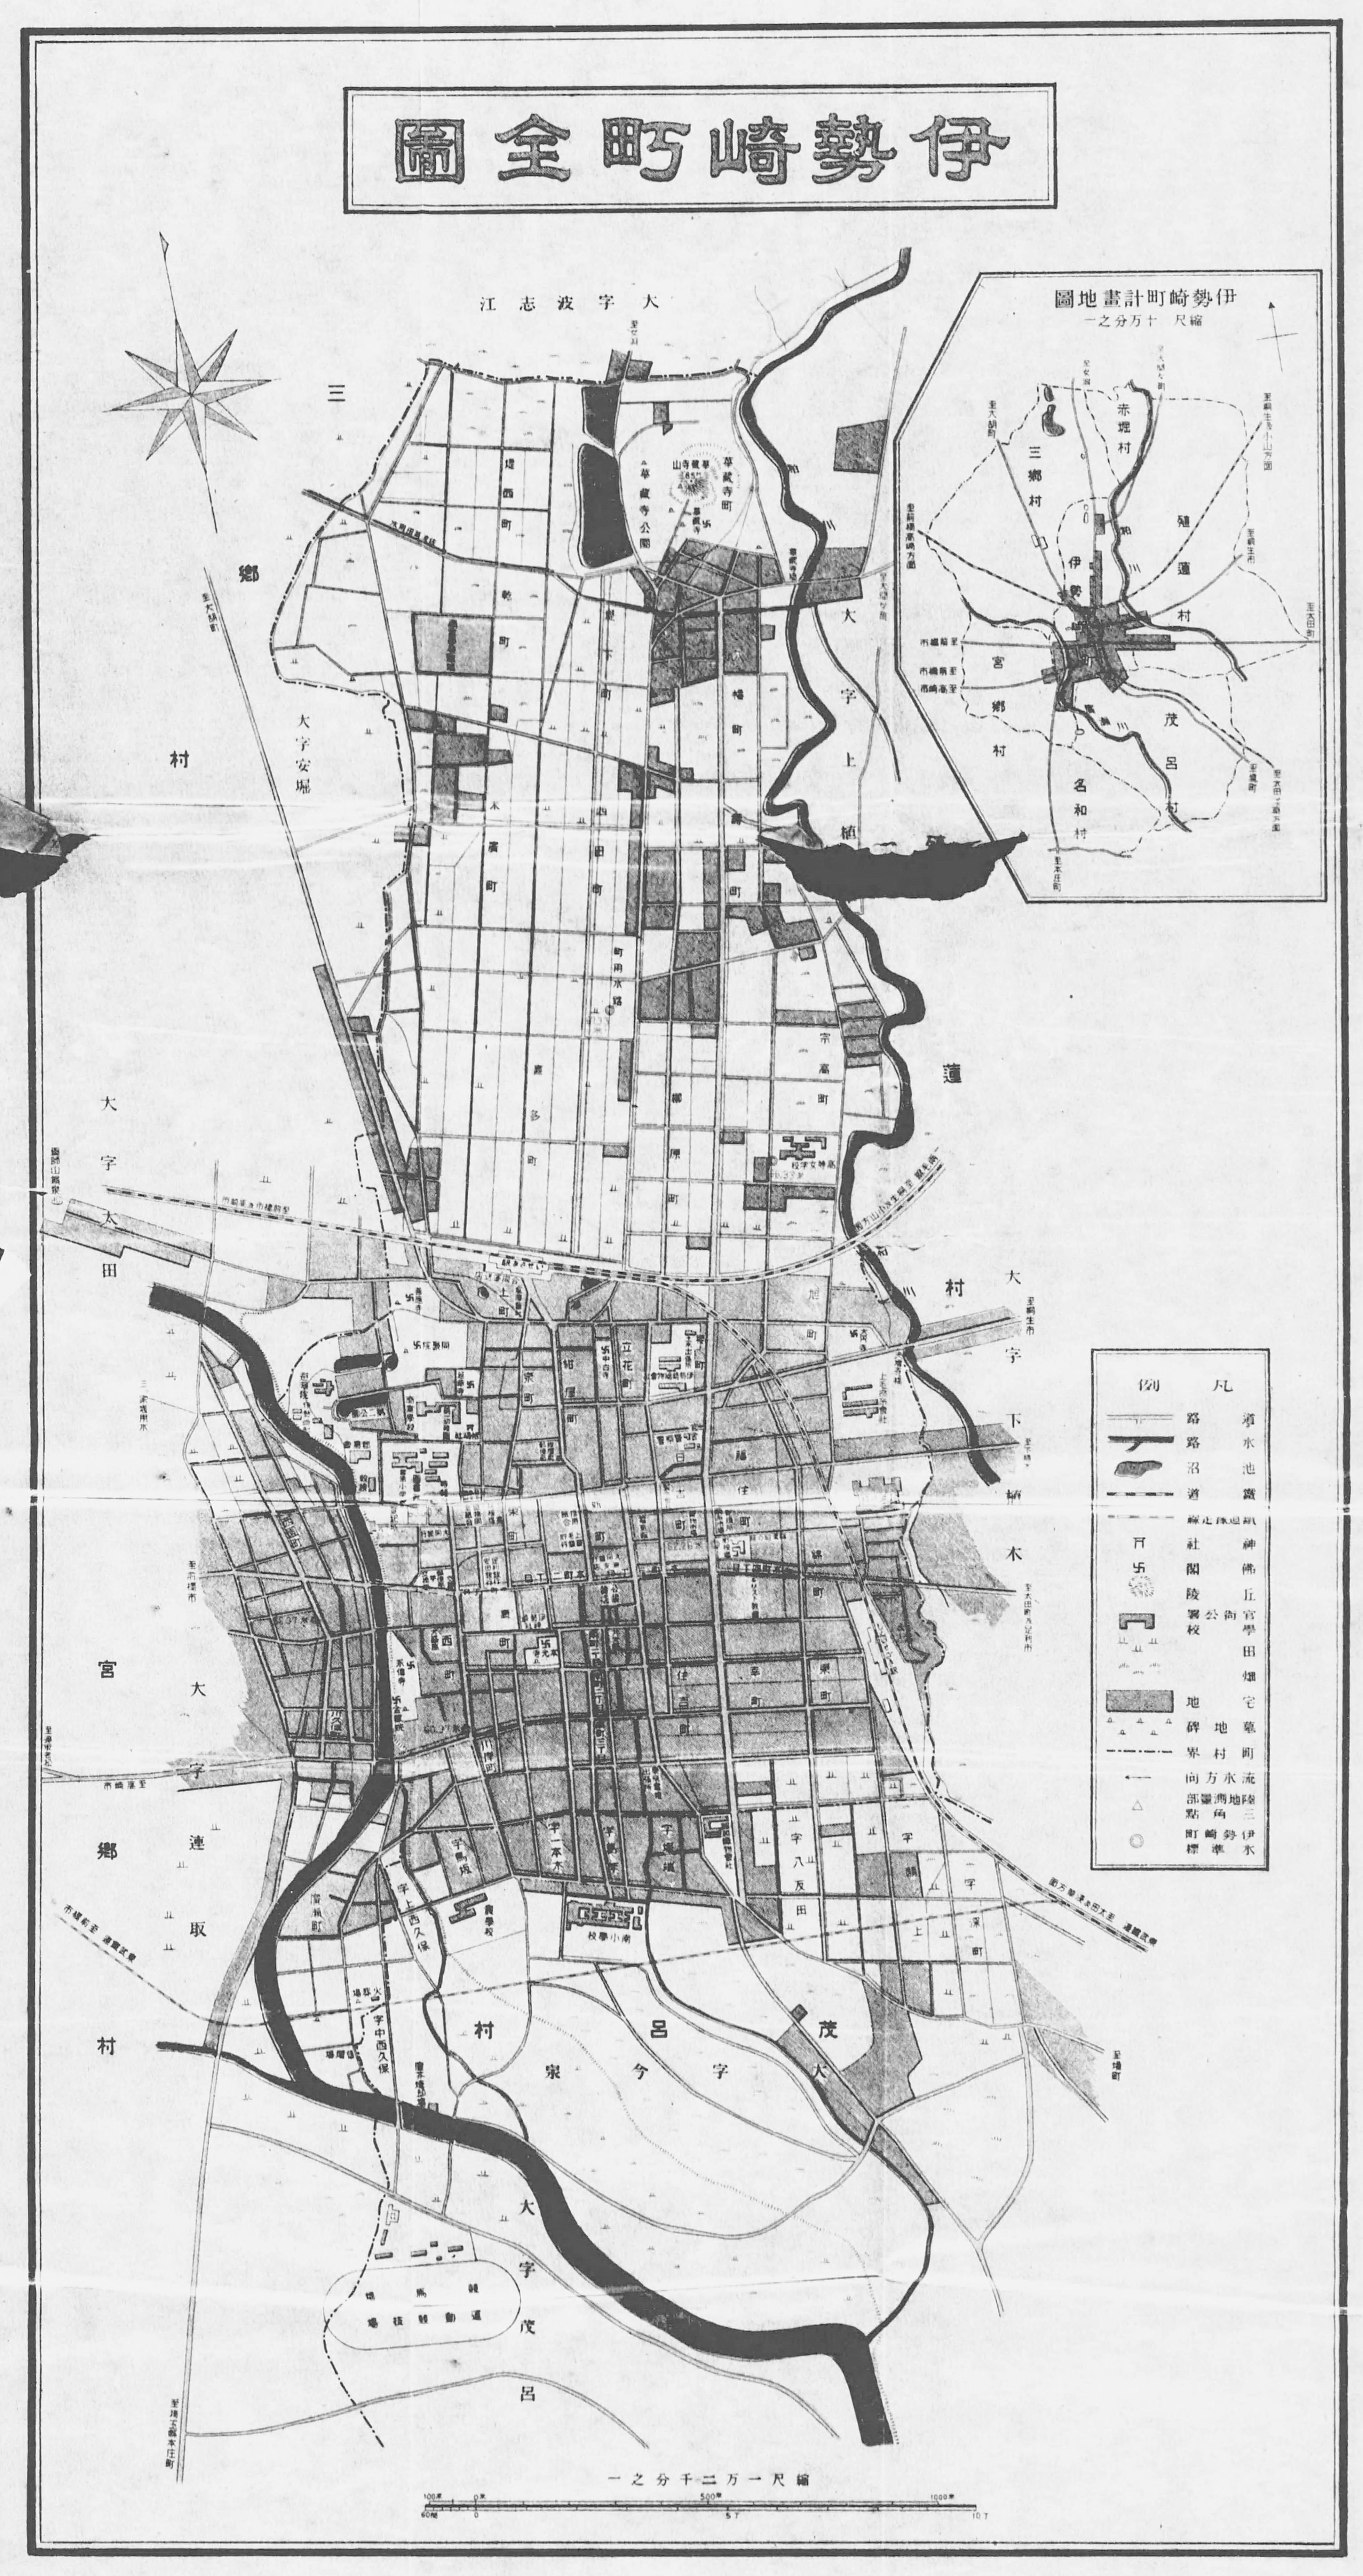 FileIsesaki Town Mapjpg Wikimedia Commons - Isesaki map